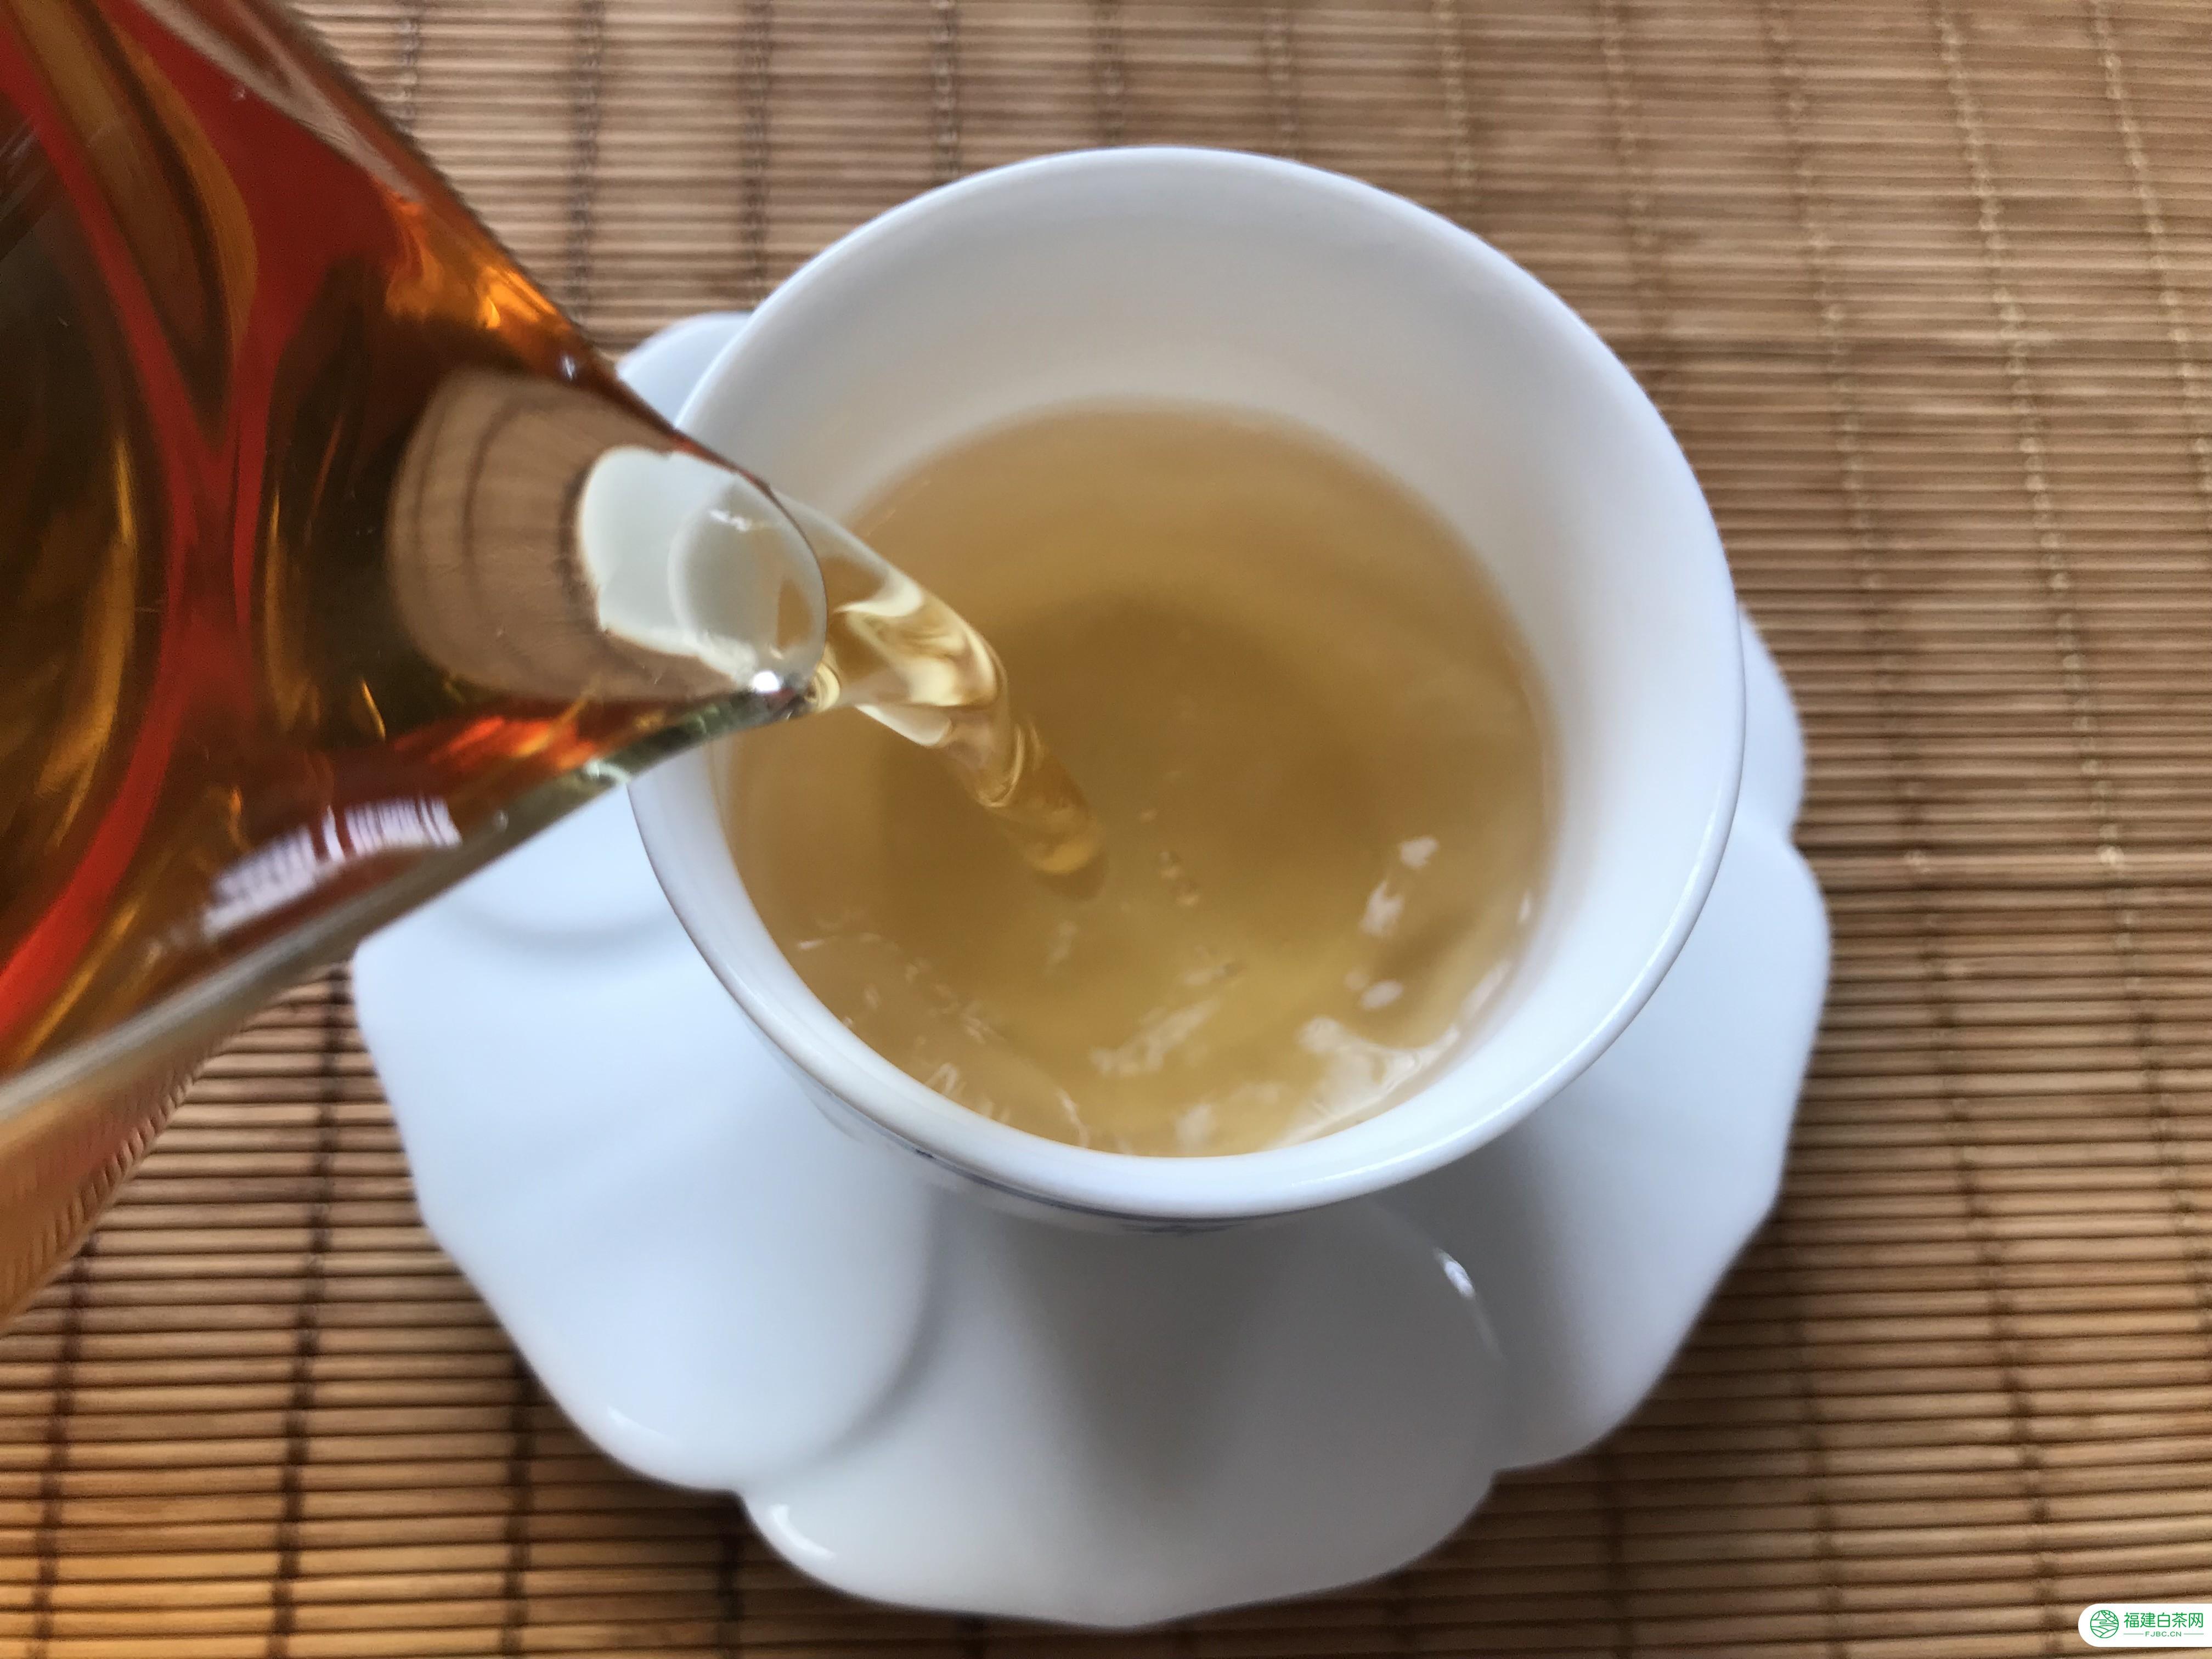 普洱生茶如何品鉴?辨别新生茶陈化潜力的3个试金石,缺一不可